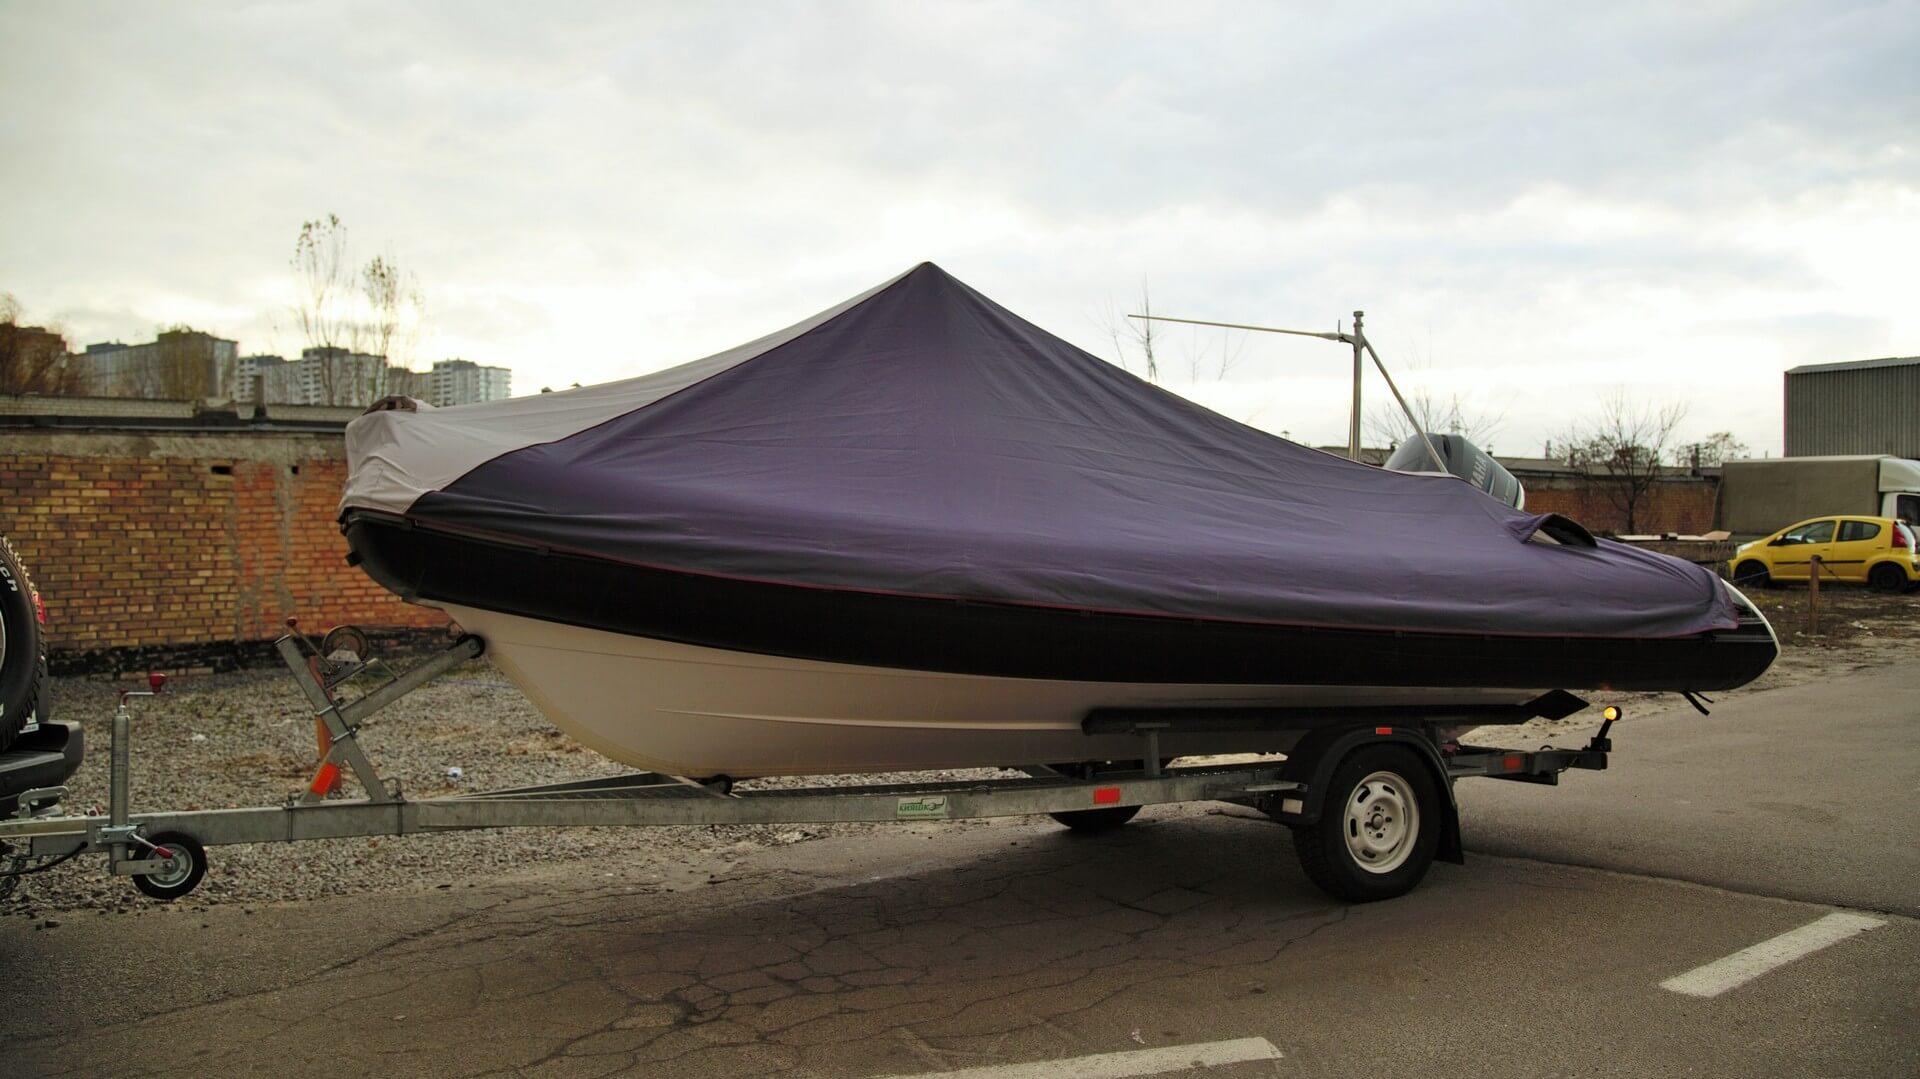 GRAND Silver Line, GRAND Silver Line S550, GRAND Silver Line, S550LF, лодки GRAND, лодки ГРАНД, Надувные лодки GRAND, Надувные лодки ГРАНД, GRAND, Надувные лодки с жестким дном, RIB, надувные лодки из ПВХ, надувные лодки, надувные лодки киев, надувные лодки купить, надувные лодки grand цена, лодка б\у, лодка б/у, купить лодку б/у, купить лодку бу,